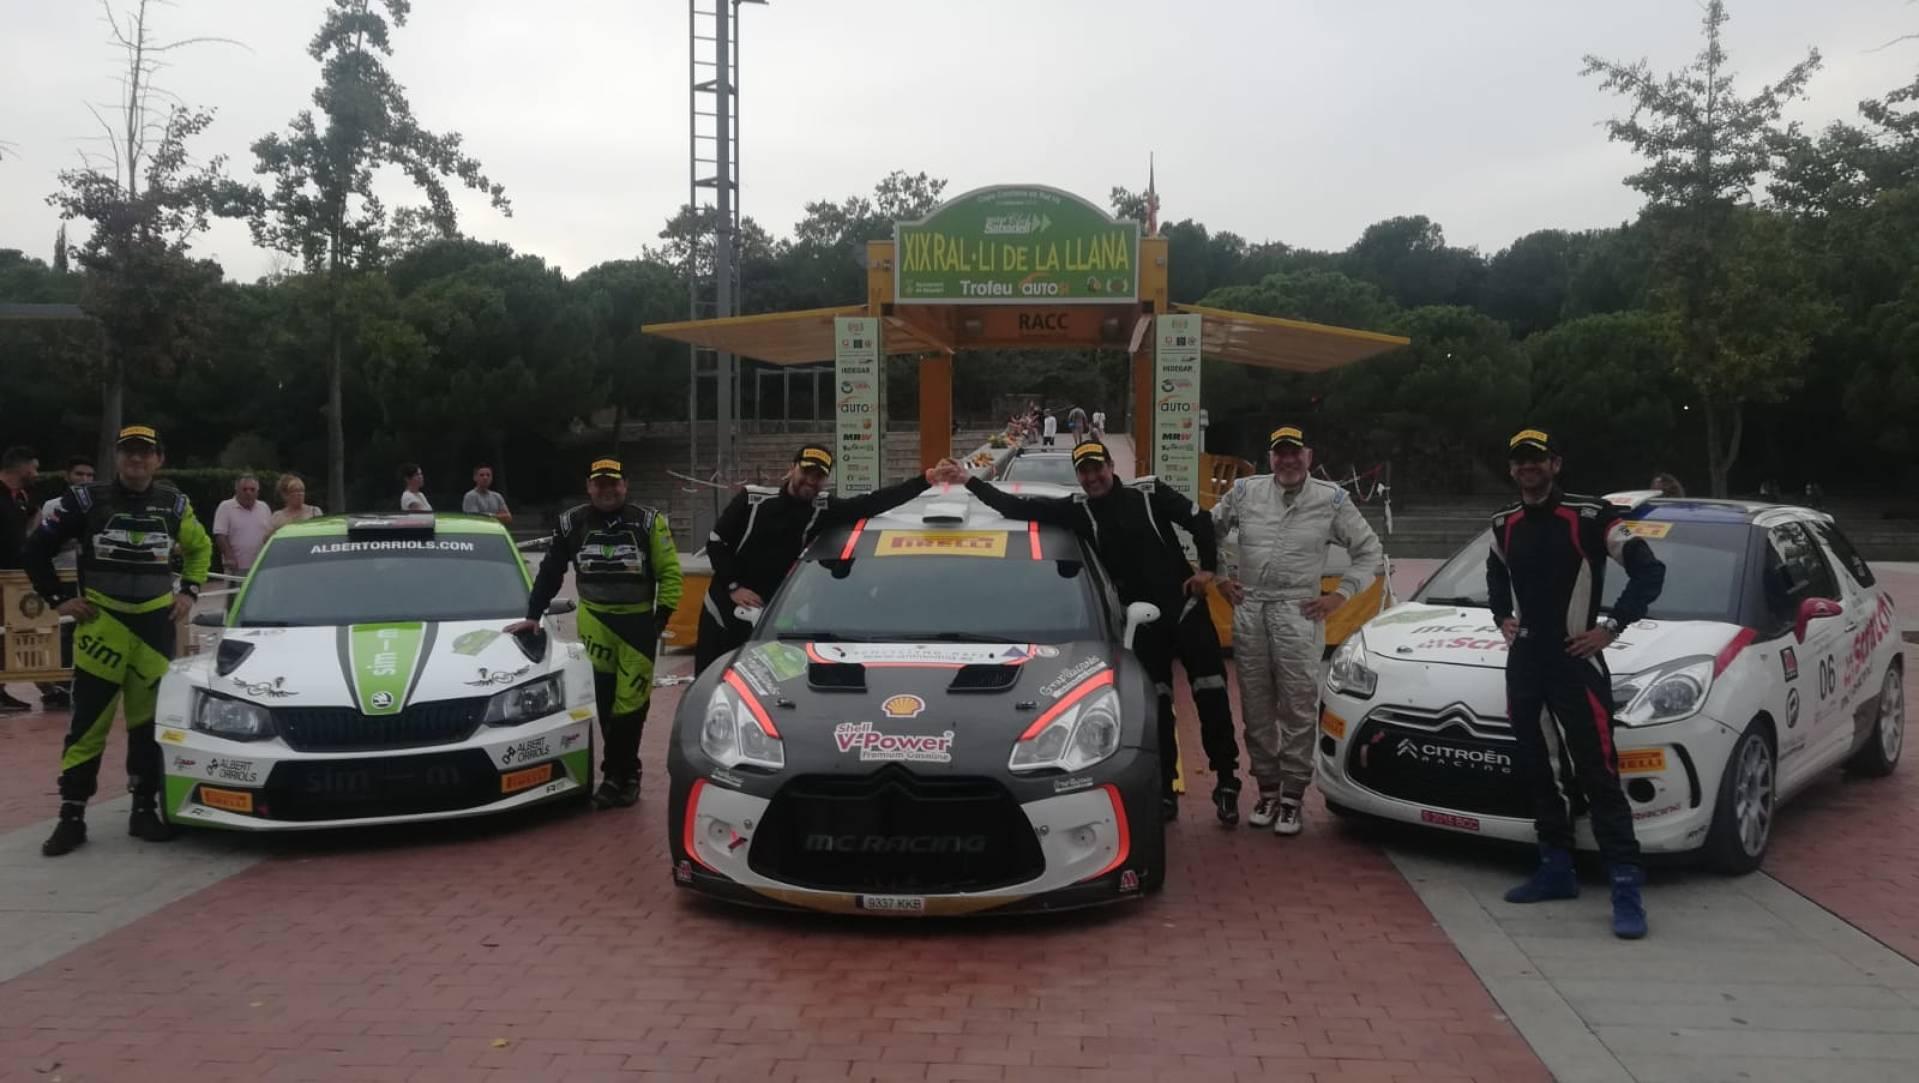 La victòria a la Llana reforça el liderat de Xavier Domènech i Àxel Coronado